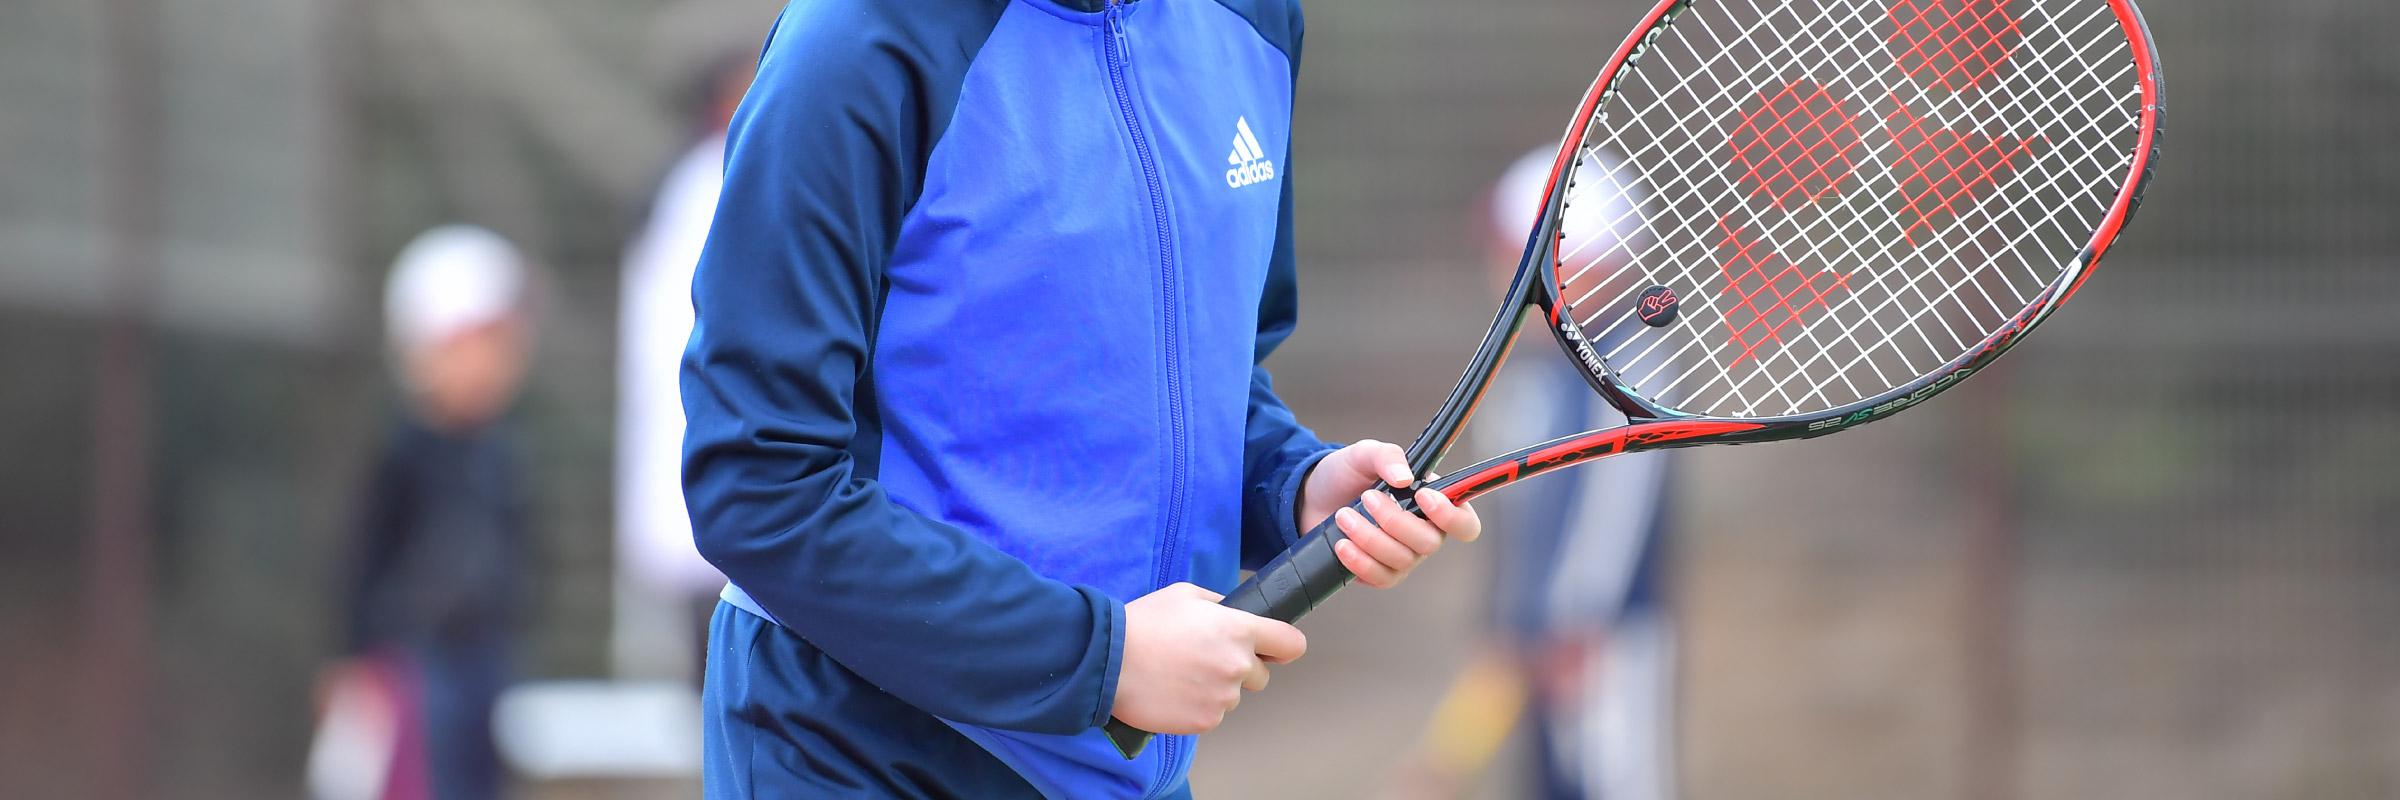 レノファ山口スポーツクラブテニス